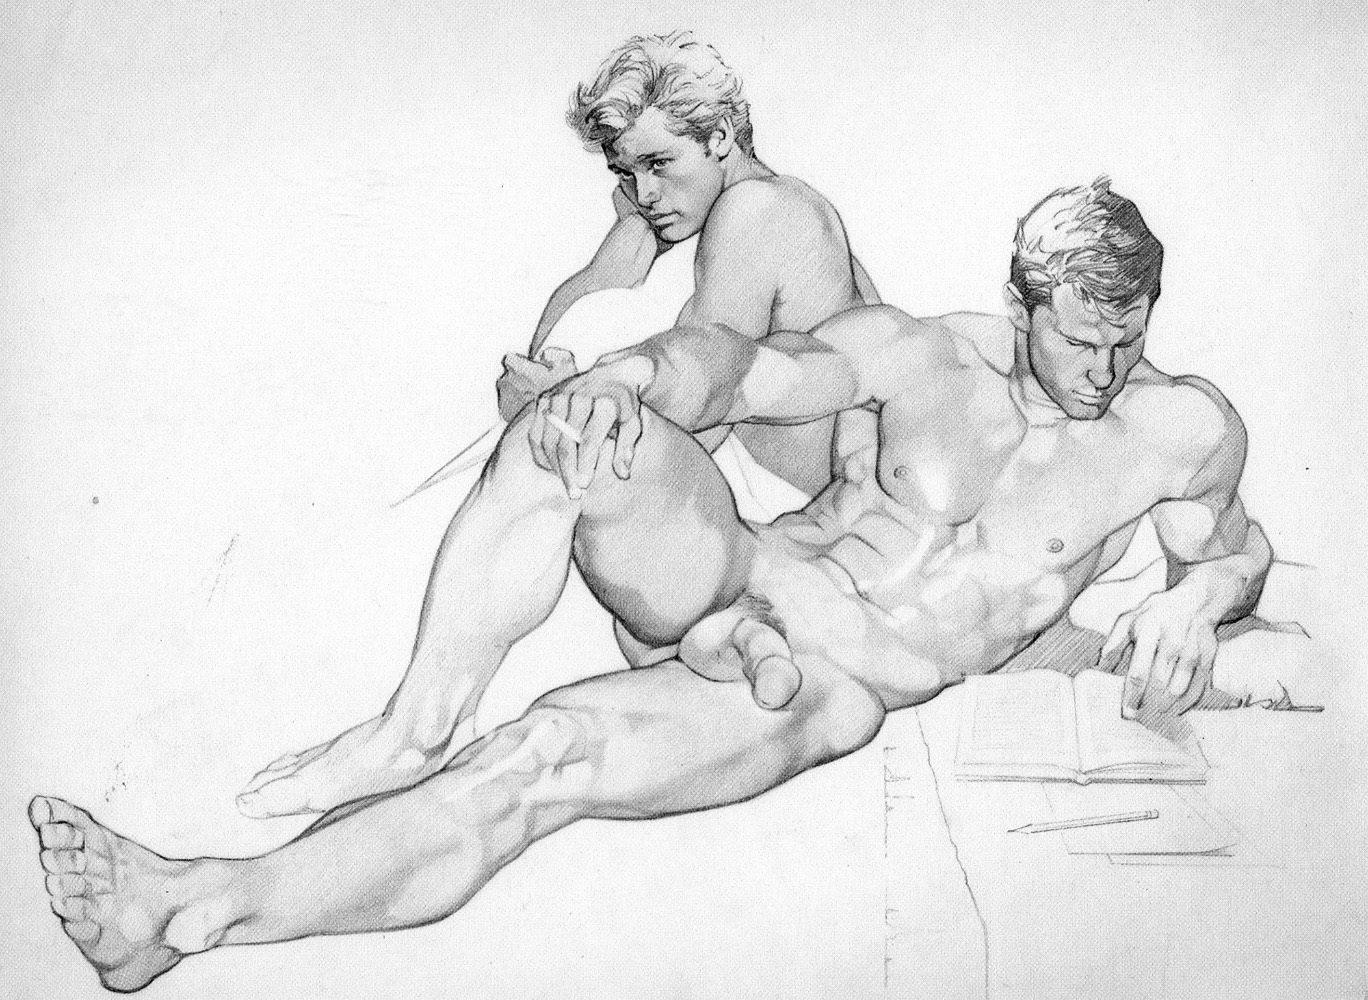 Sexy bondage fantasy pencil drawings